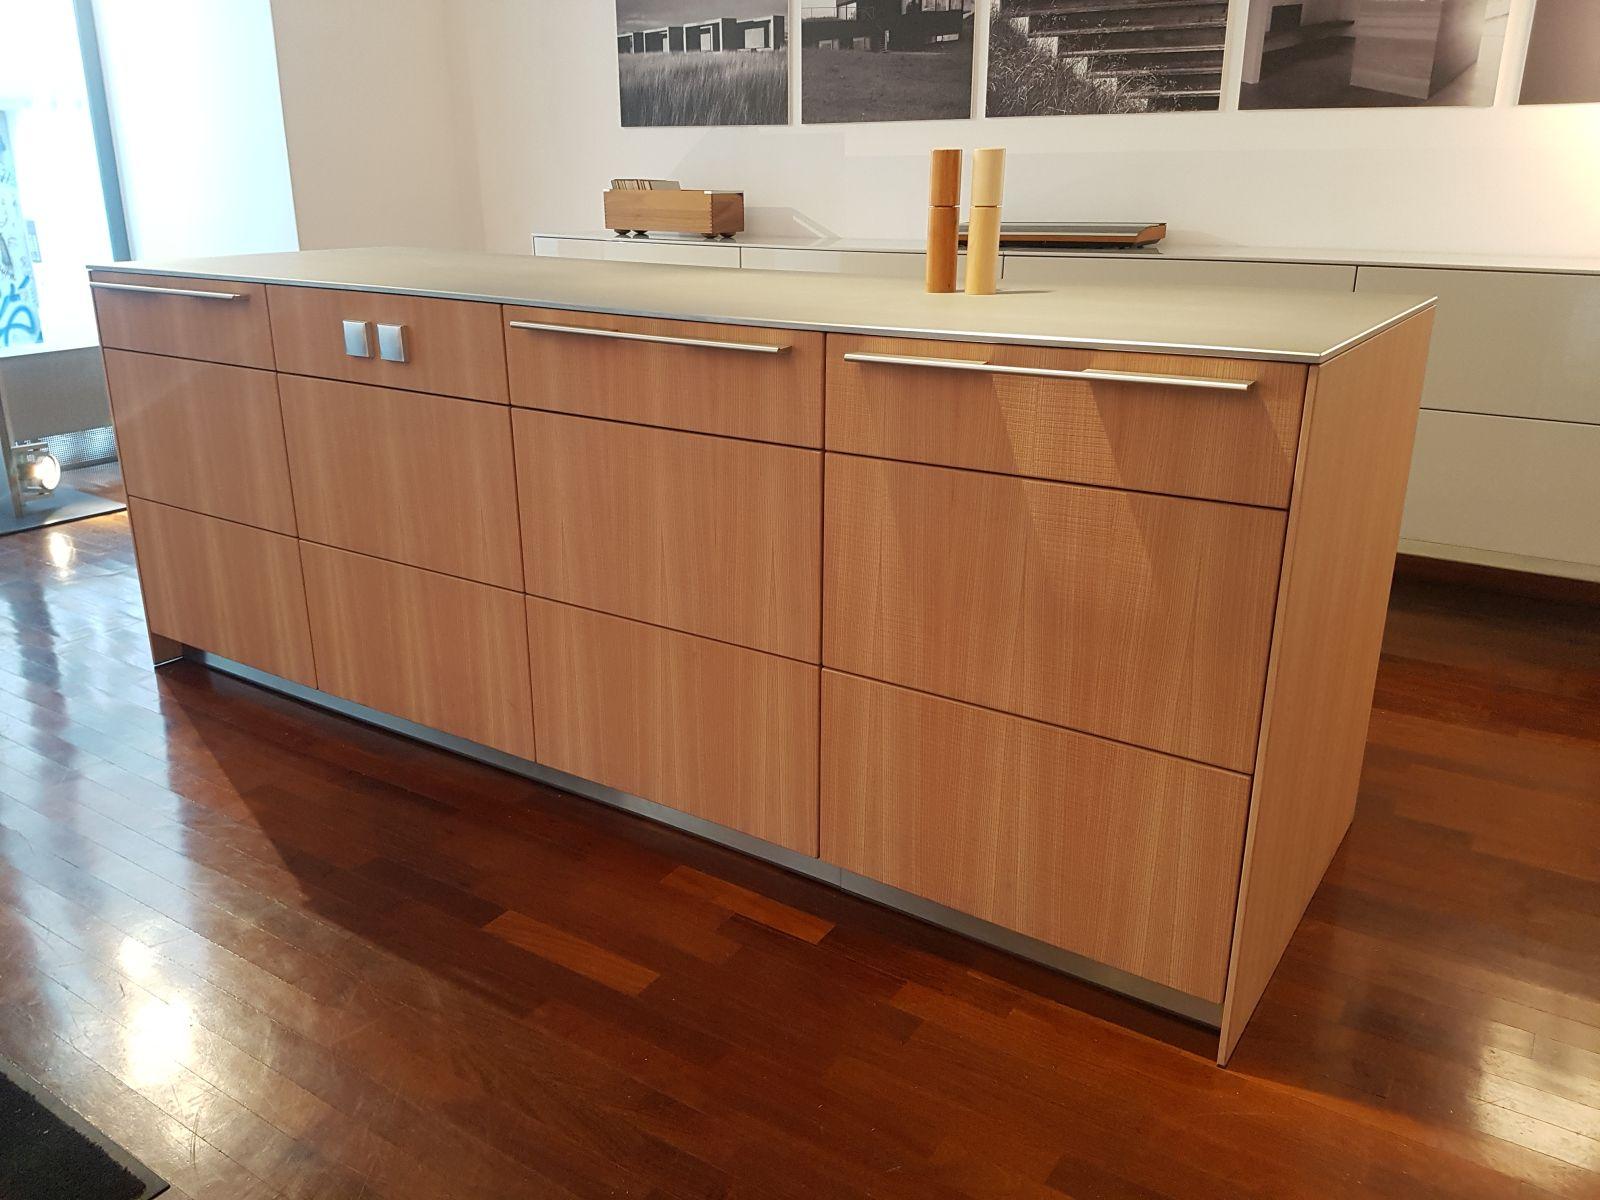 Full Size of Inselküche Abverkauf Bad Küchen Regal Wohnzimmer Bulthaup Küchen Abverkauf österreich